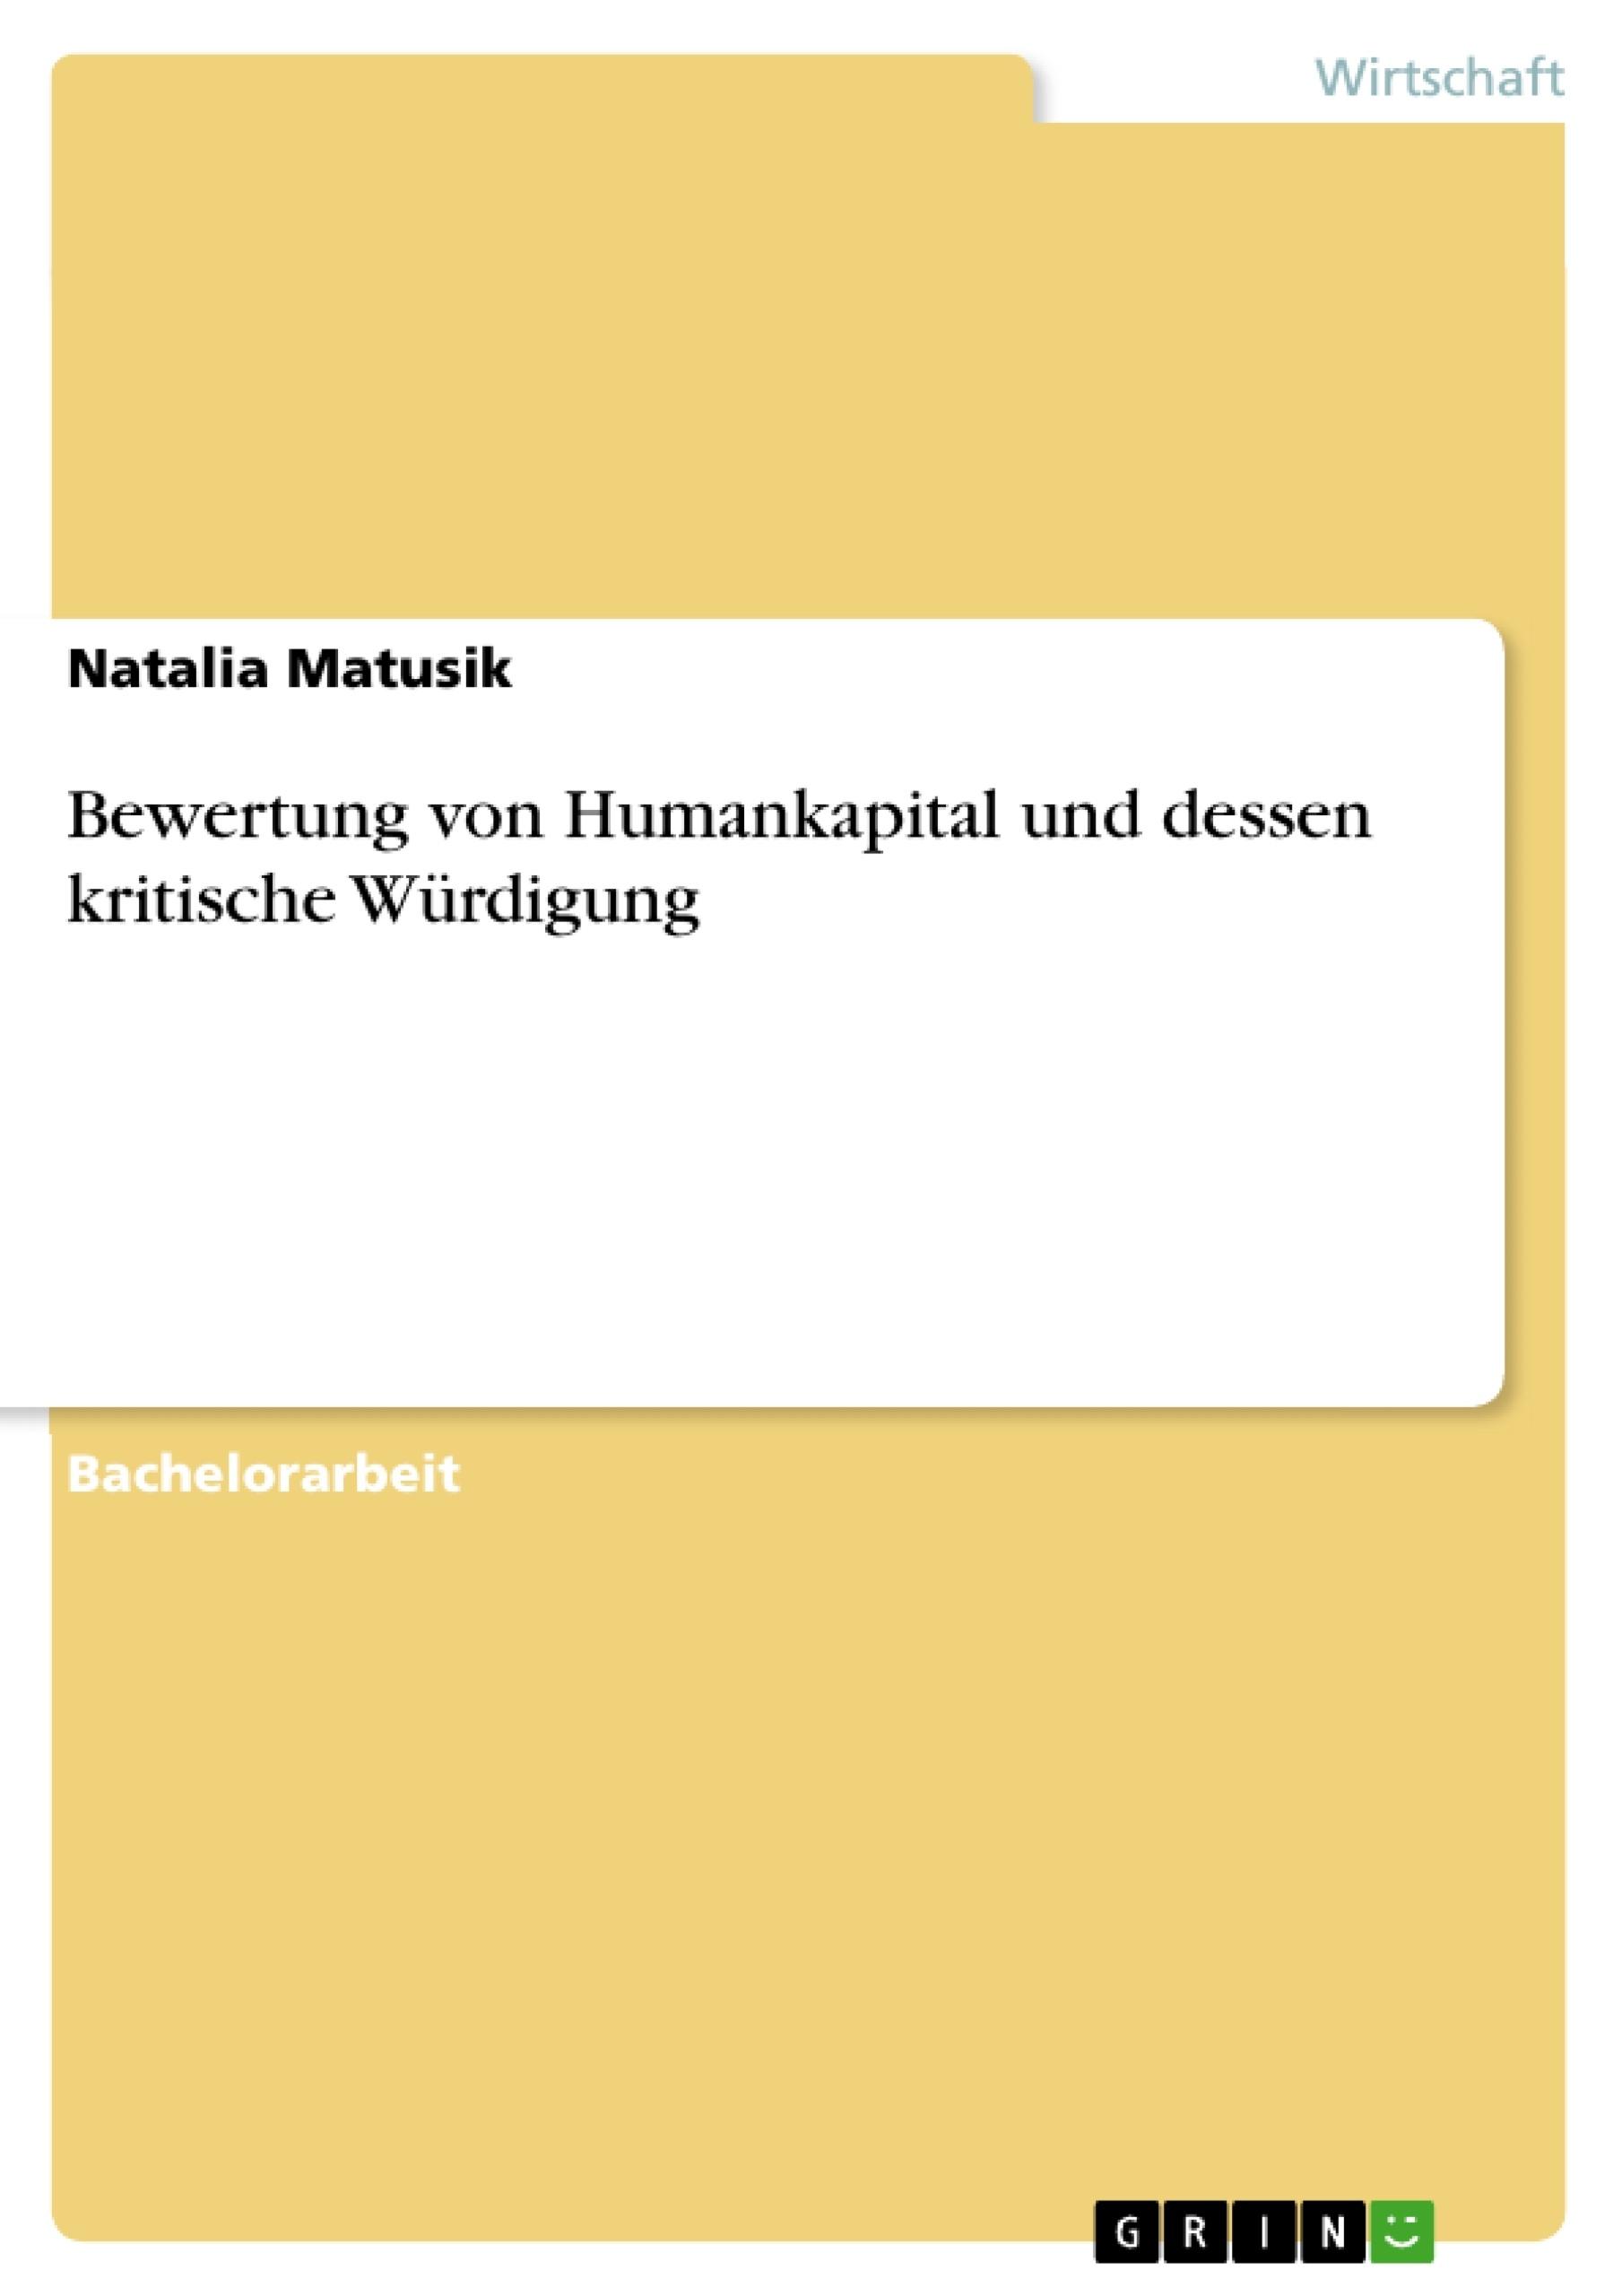 Titel: Bewertung von Humankapital und dessen kritische Würdigung